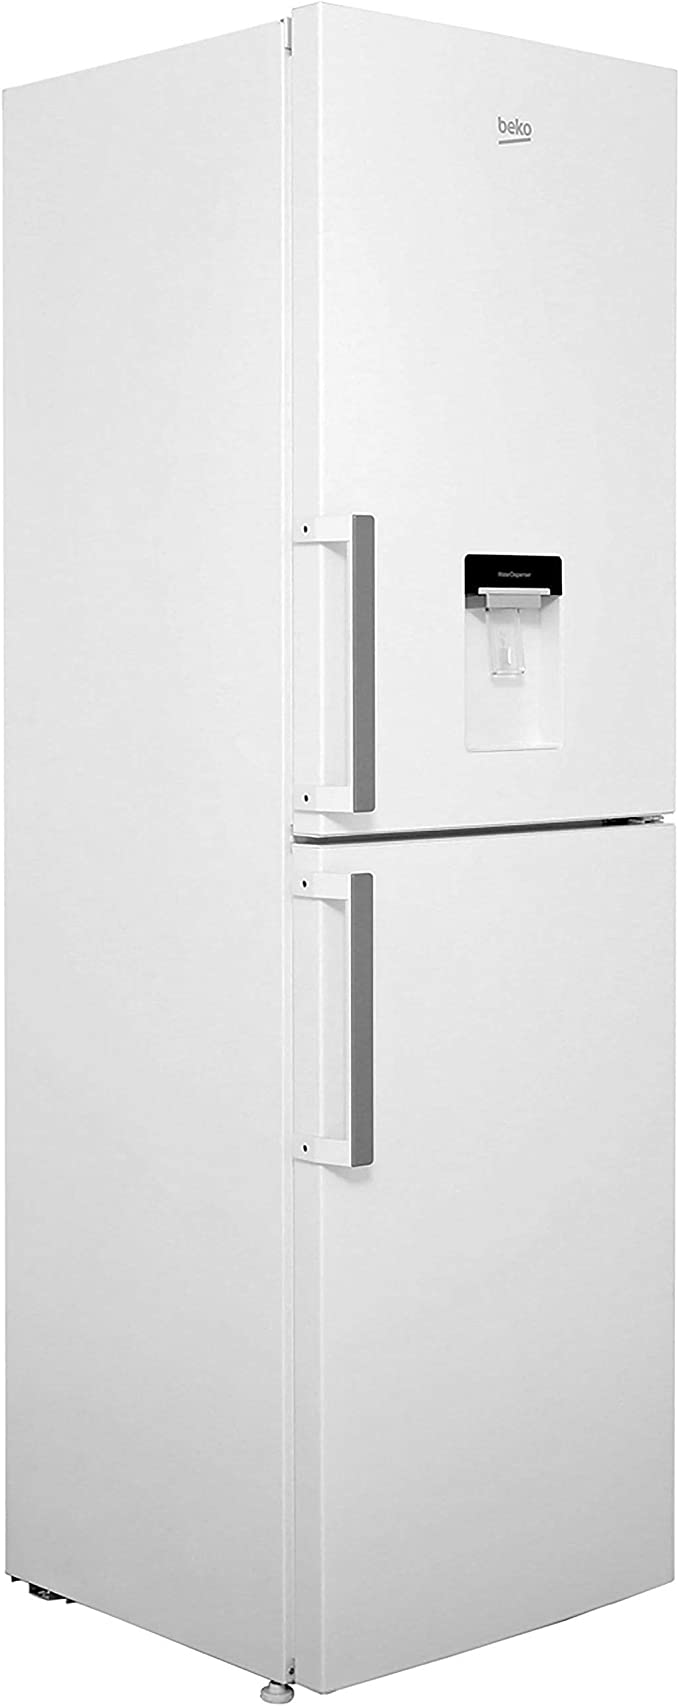 Beko CFP1691DS CFP1691DW CFP1691DX Réfrigérateur Congélateur tiroir Couverture 5906370300